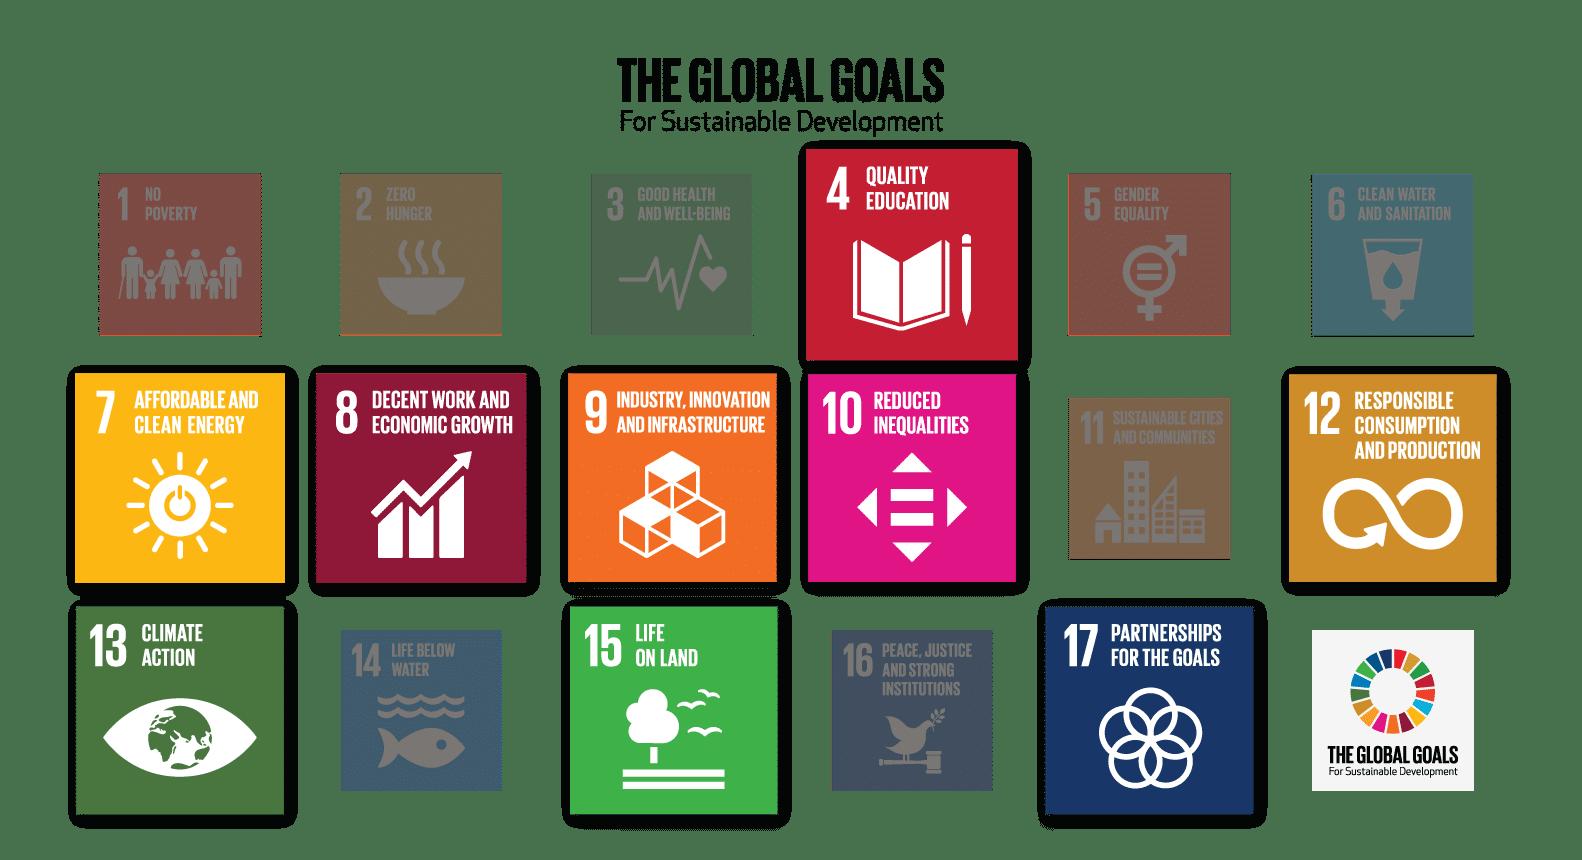 de globale målene for bærekraftig utvikling